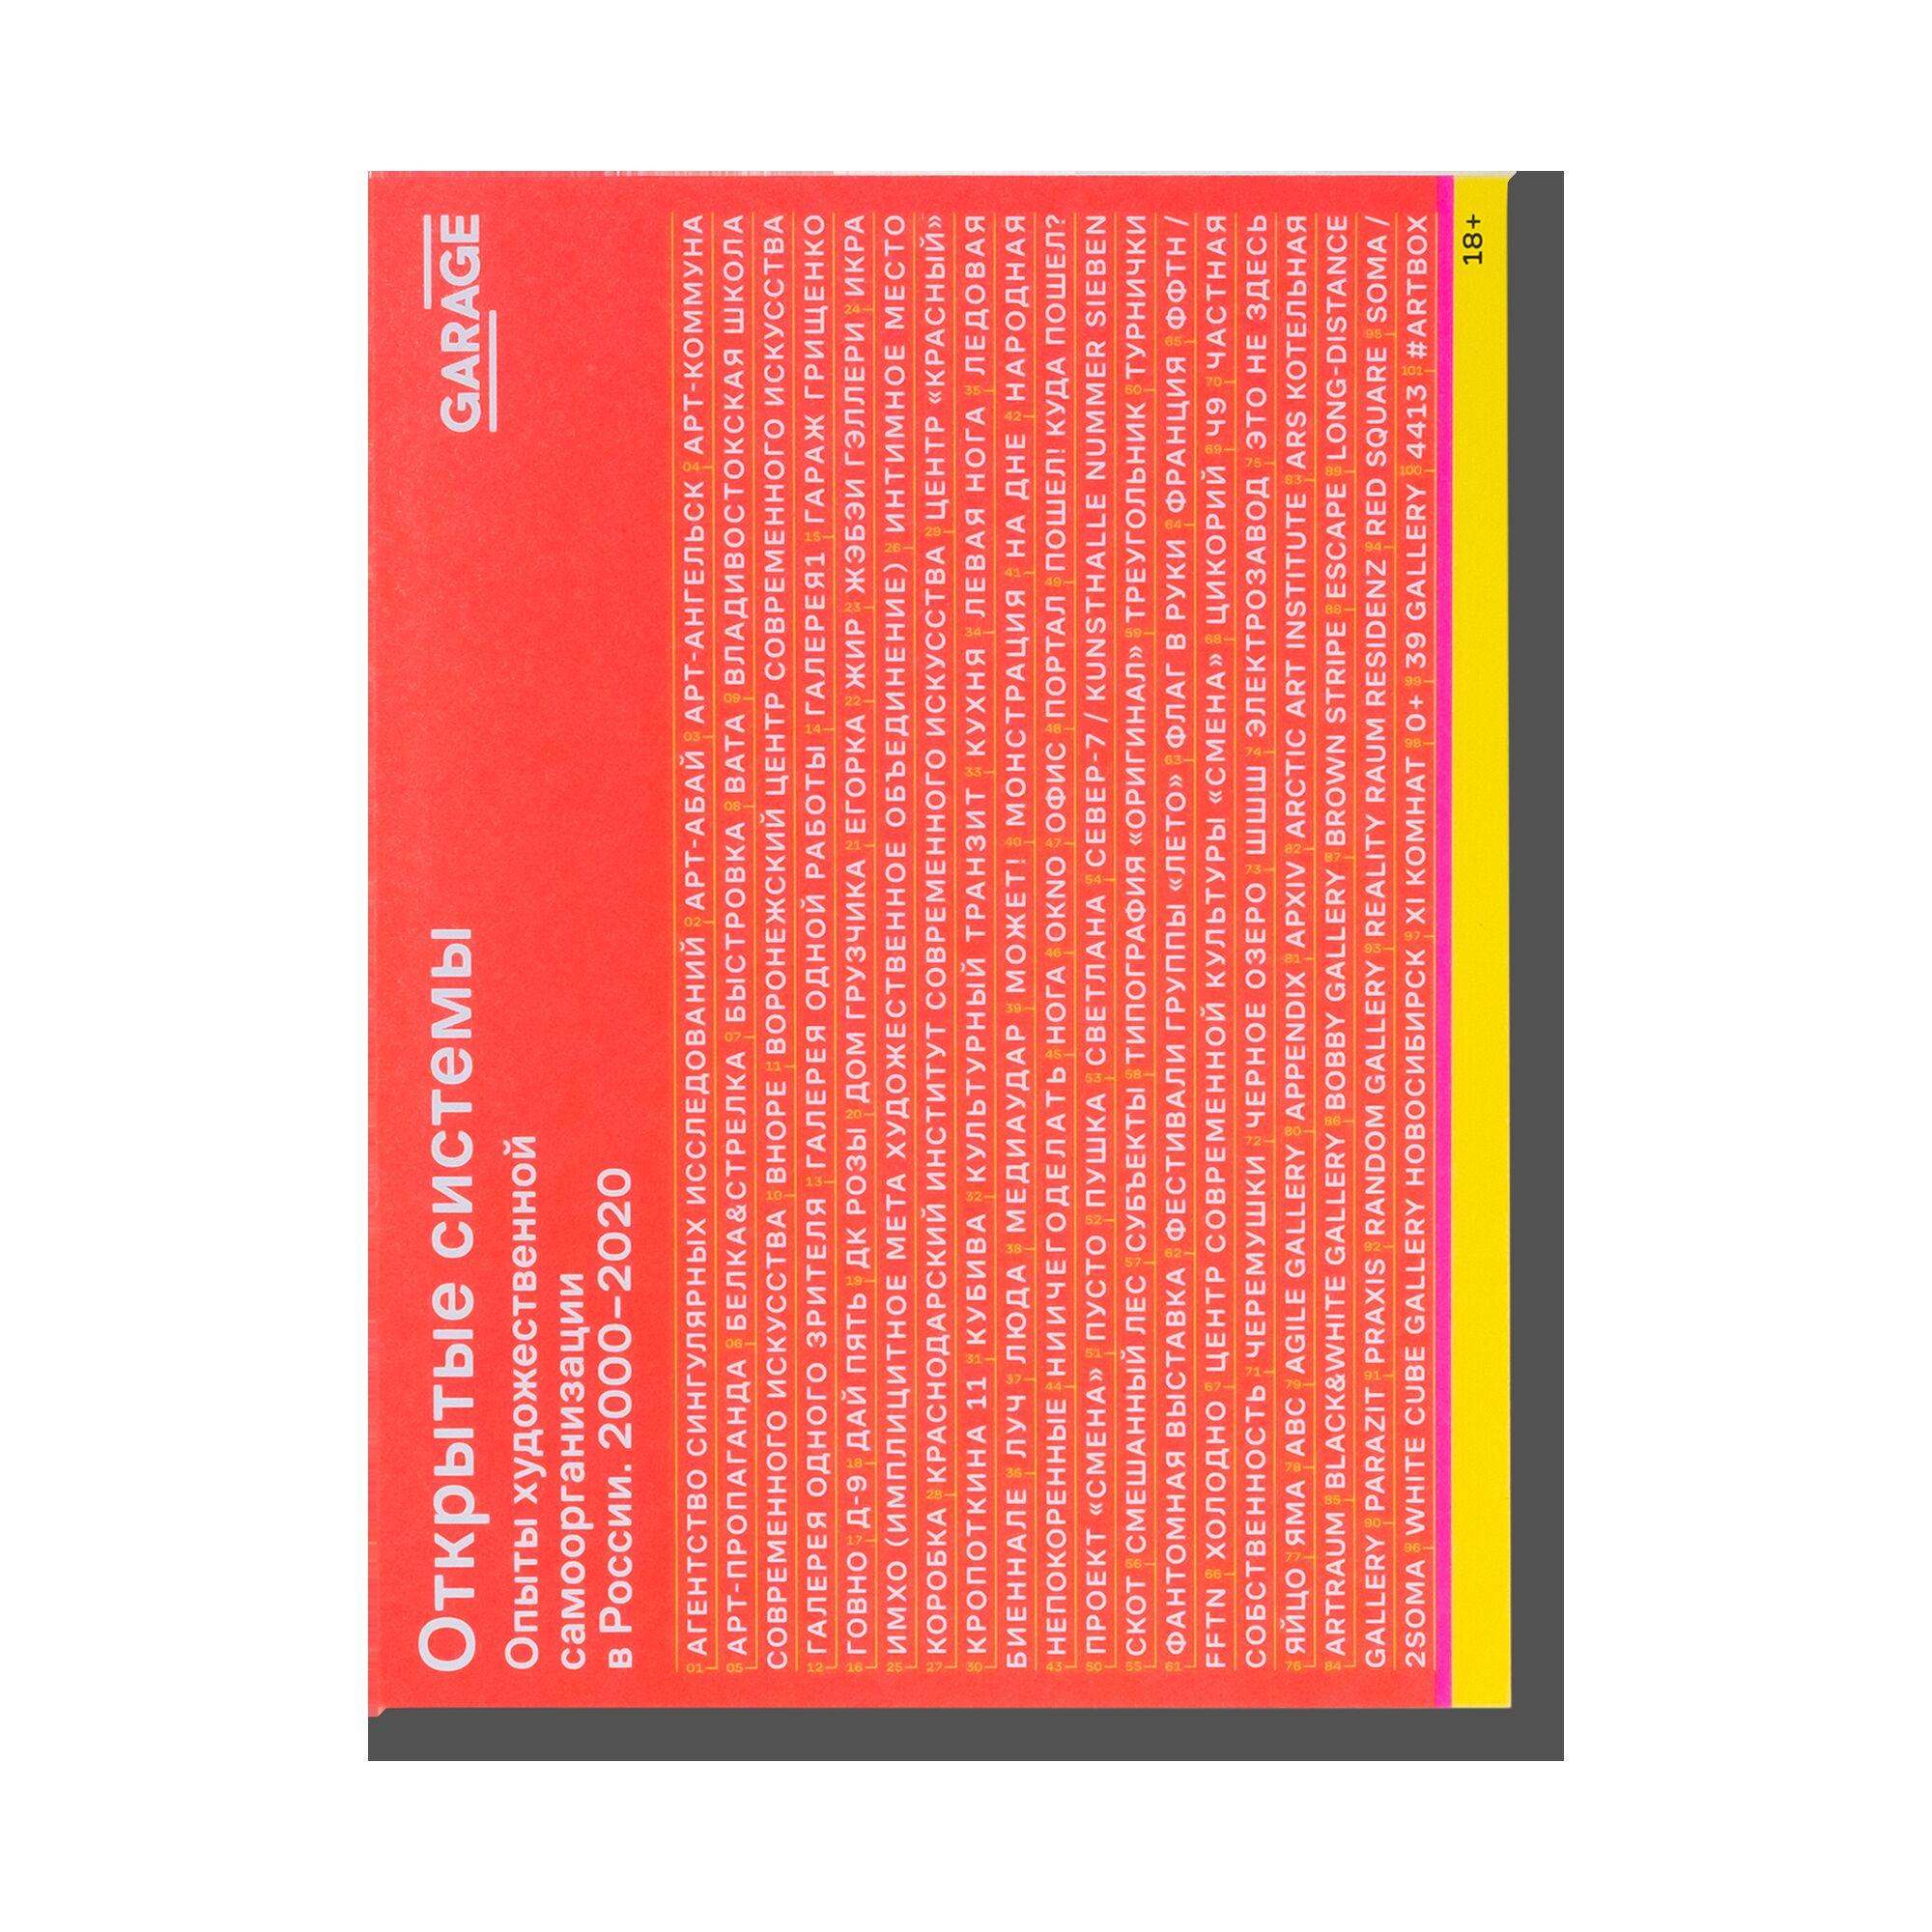 Открытые системы. Опыты художественной самоорганизации в России. 2000-2020